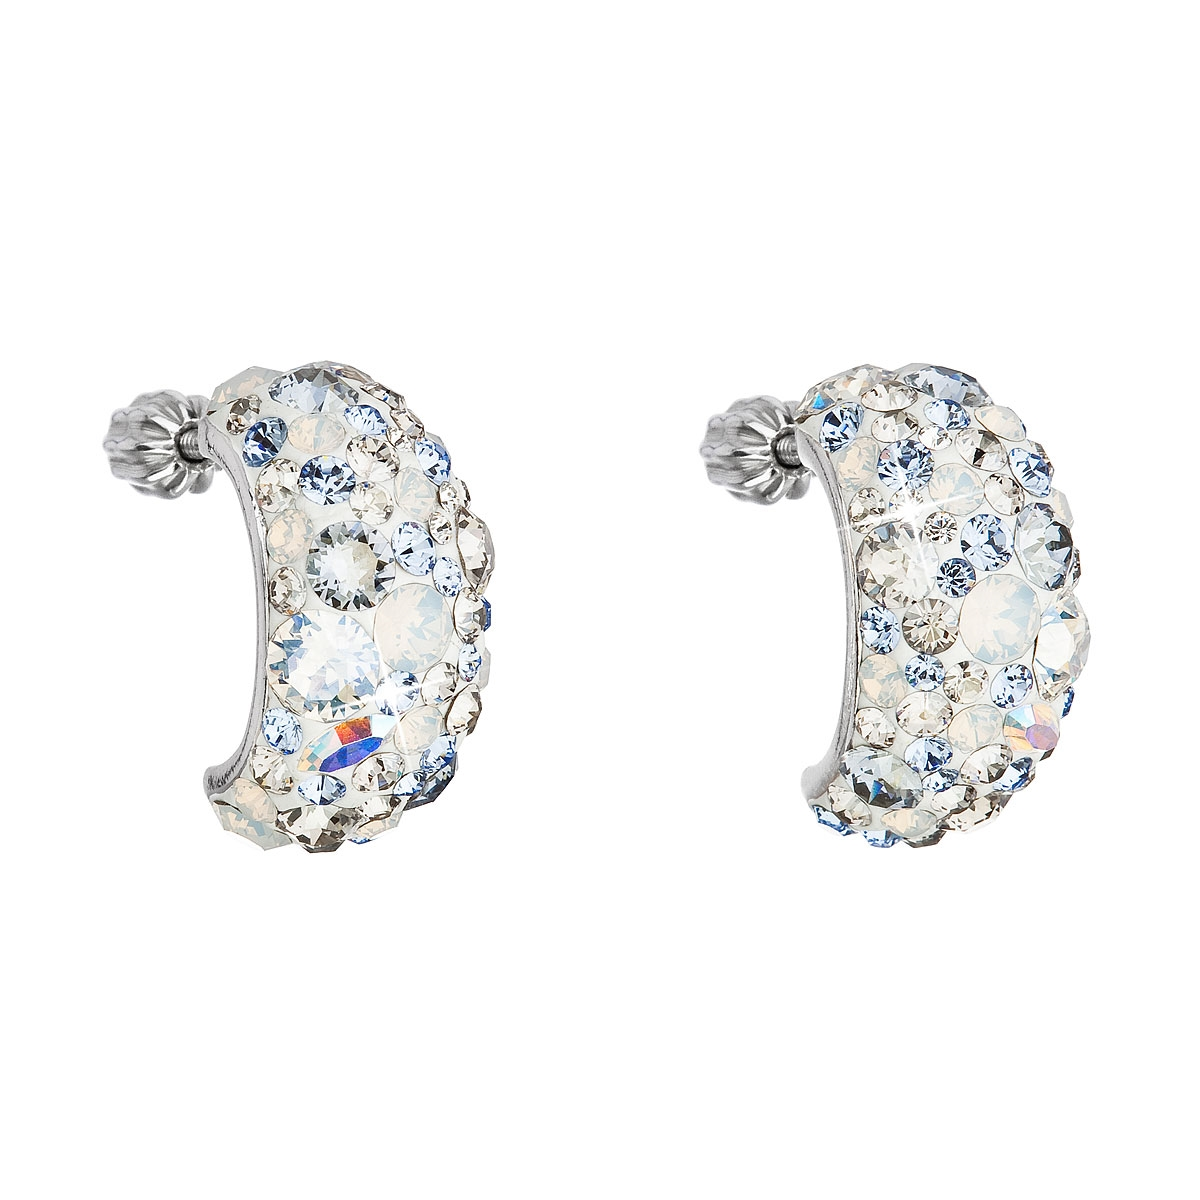 Stříbrné šroubovací náušnice s krystaly Crystals from Swarovski®, Light Sapphire EG2002-LS